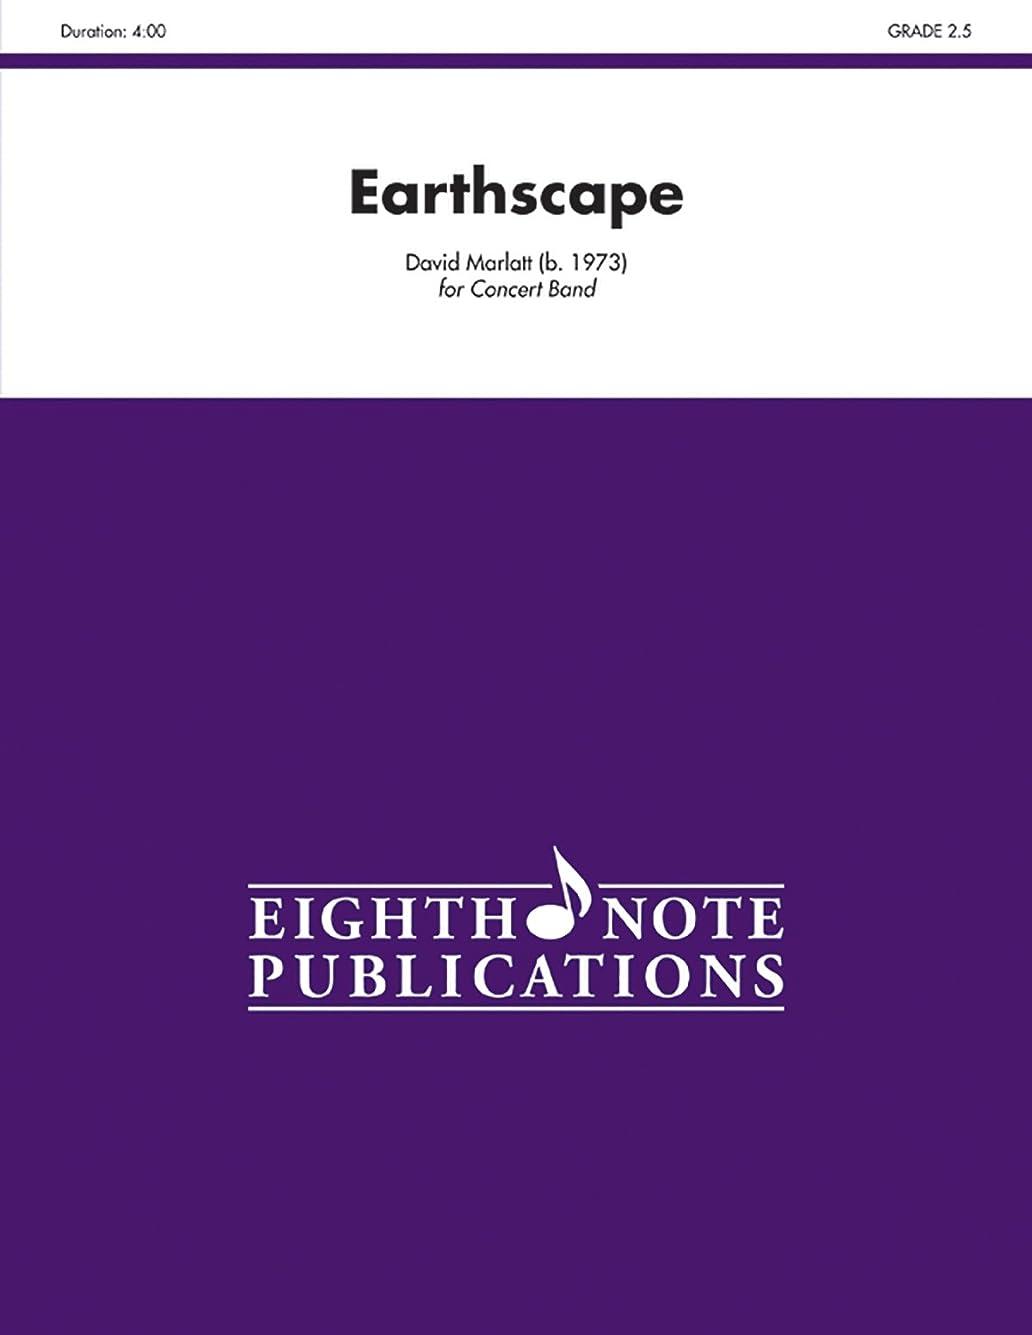 不正直説明的エゴイズムEarthscape: Conductor Score & Parts (Eighth Note Publications)